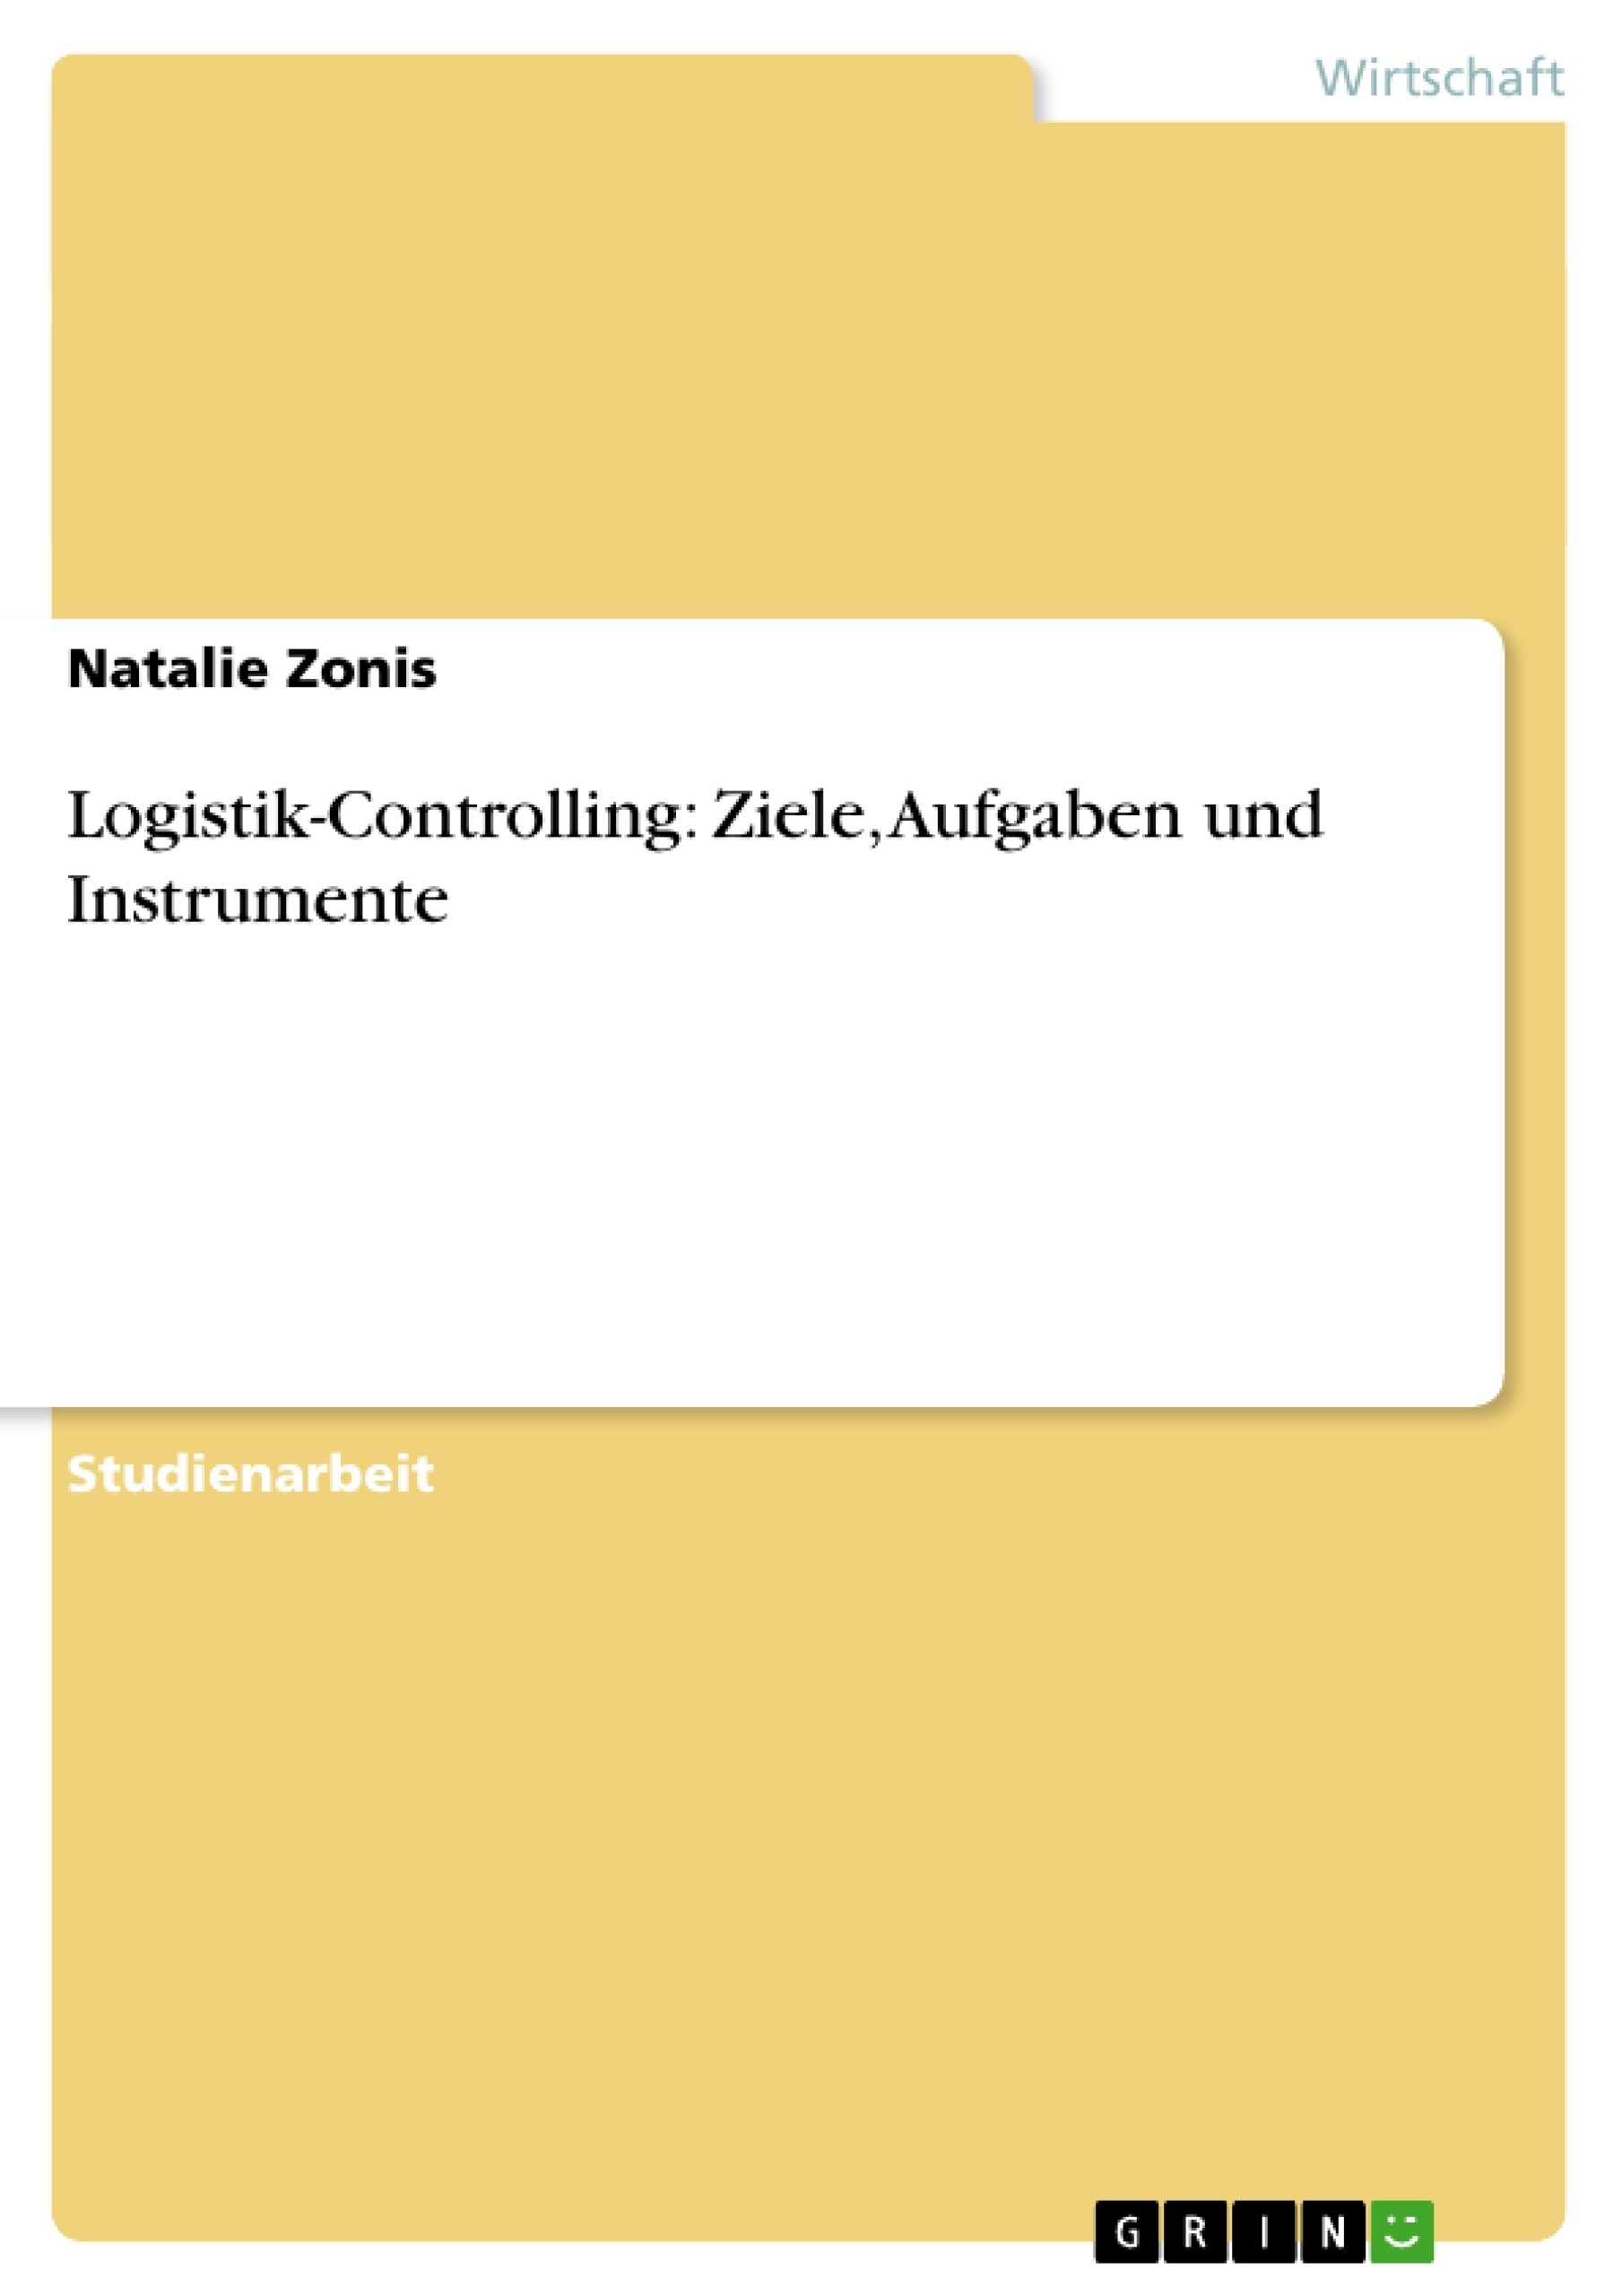 Titel: Logistik-Controlling: Ziele, Aufgaben und Instrumente